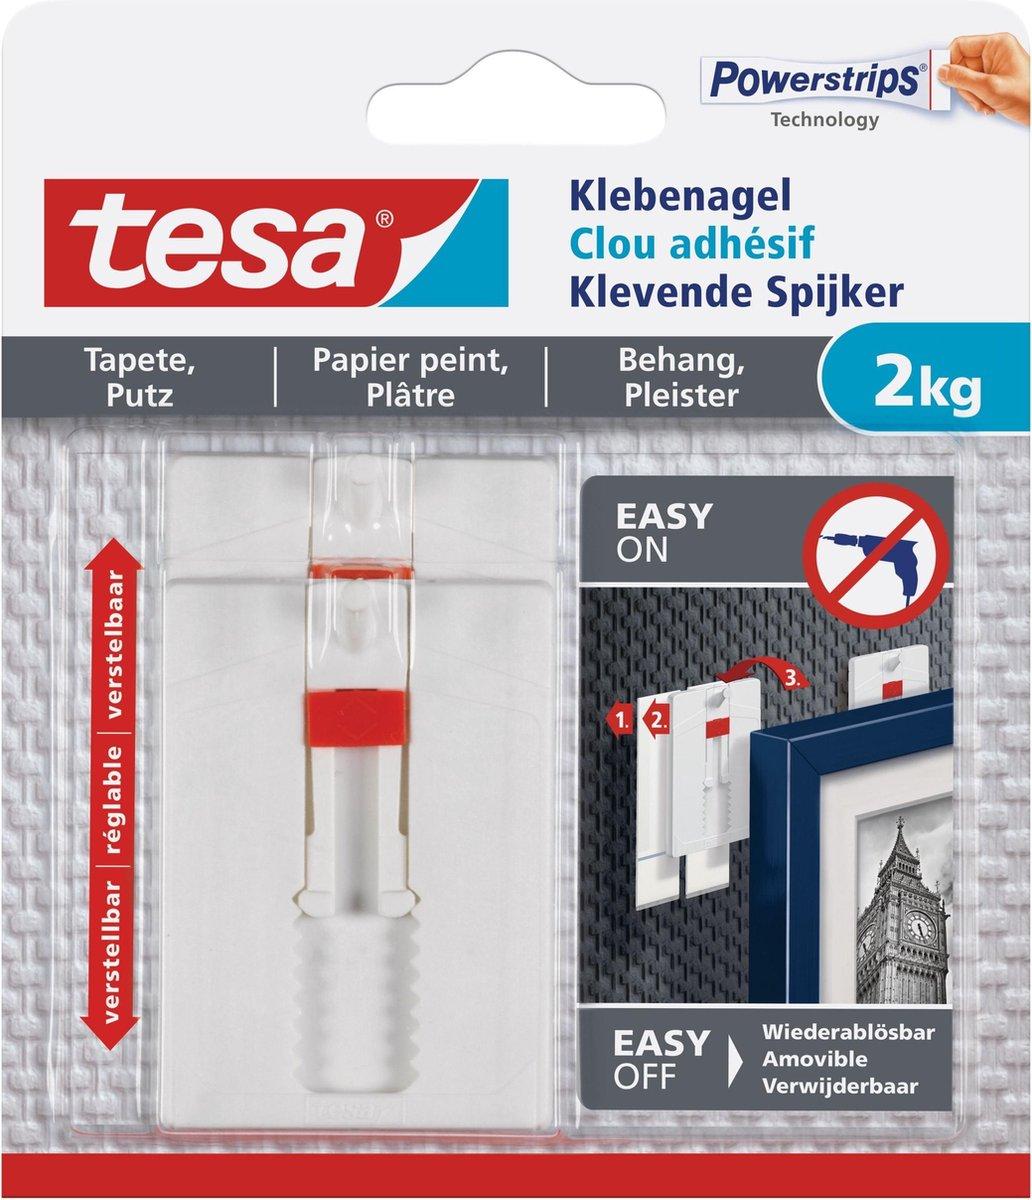 6x stuks Tesa klevende spijkers verstelbaar - wit - voor gevoelige oppervlakte als behang en pleiste